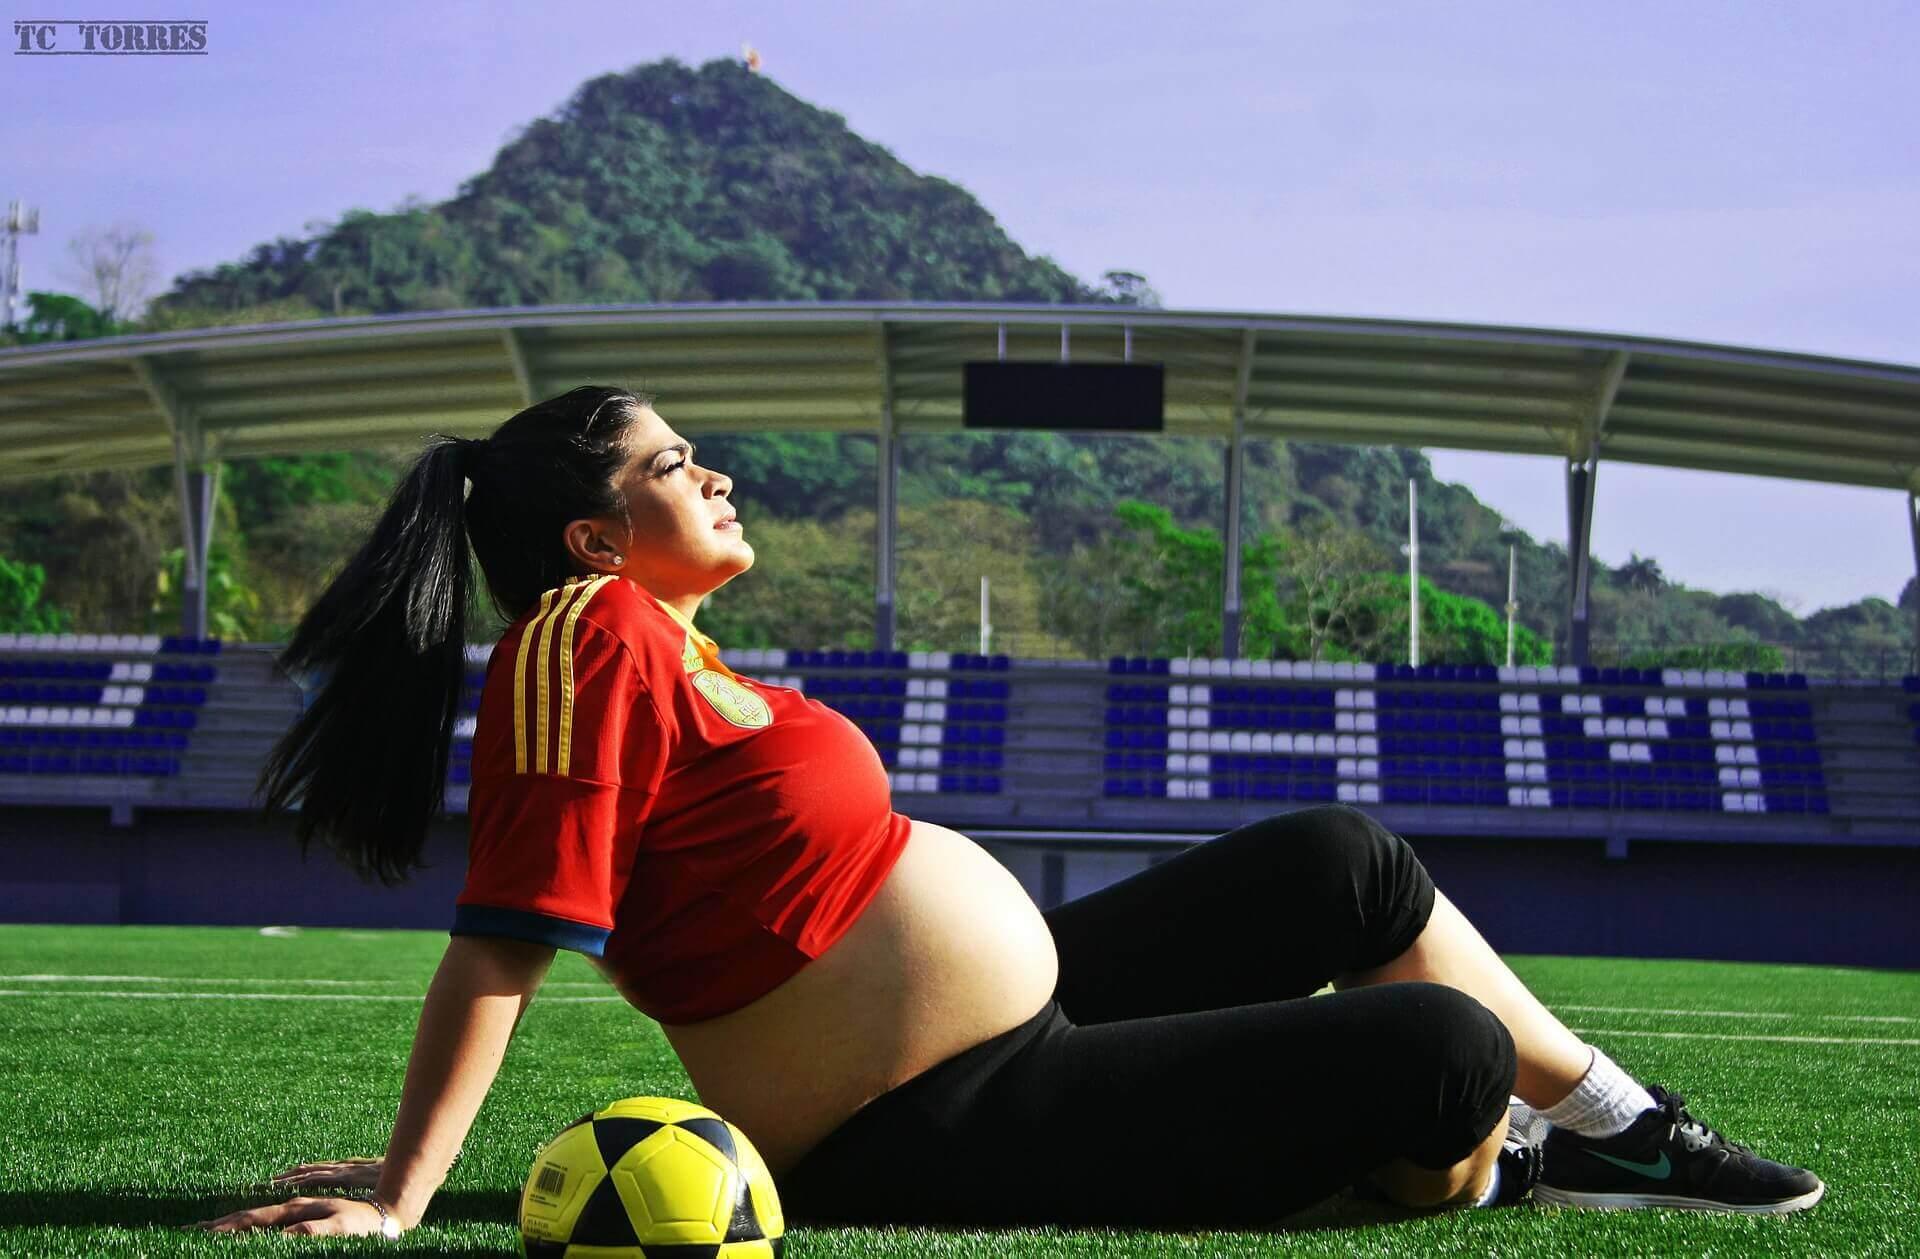 Faire de l'exercice après la grossesse aide à retrouver son poids d'avant